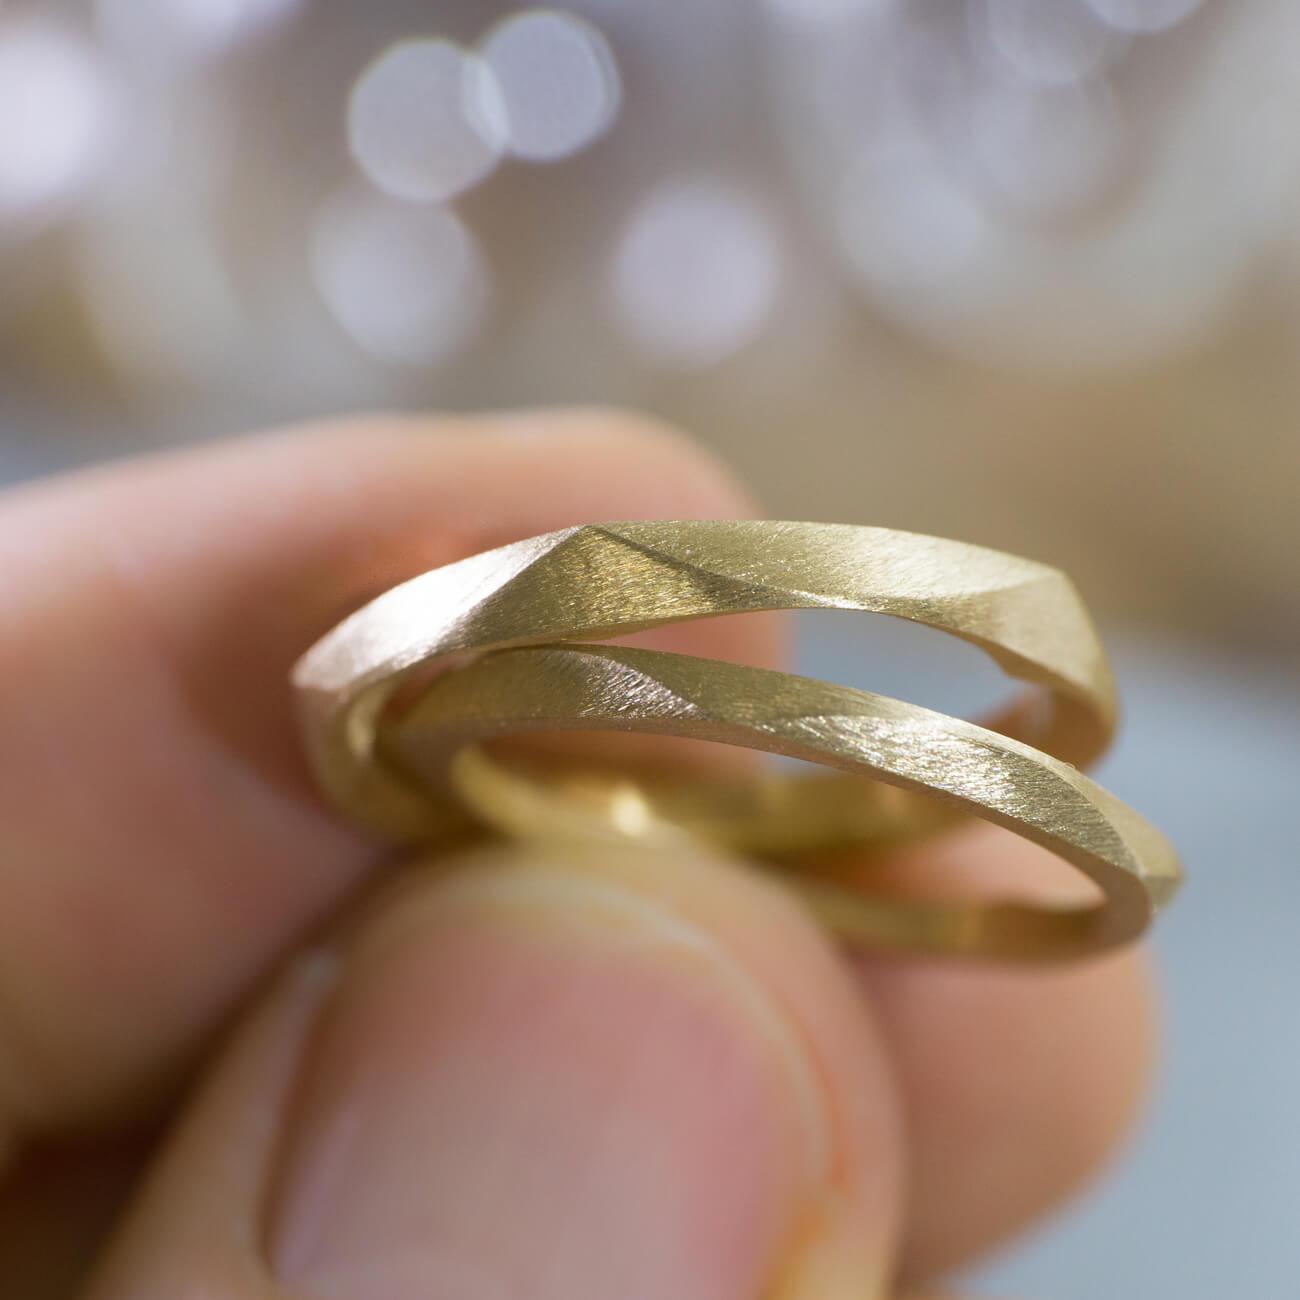 場面2 オーダーメイドマリッジリング ジュエリーのアトリエに指輪 ゴールド 屋久島で作る結婚指輪